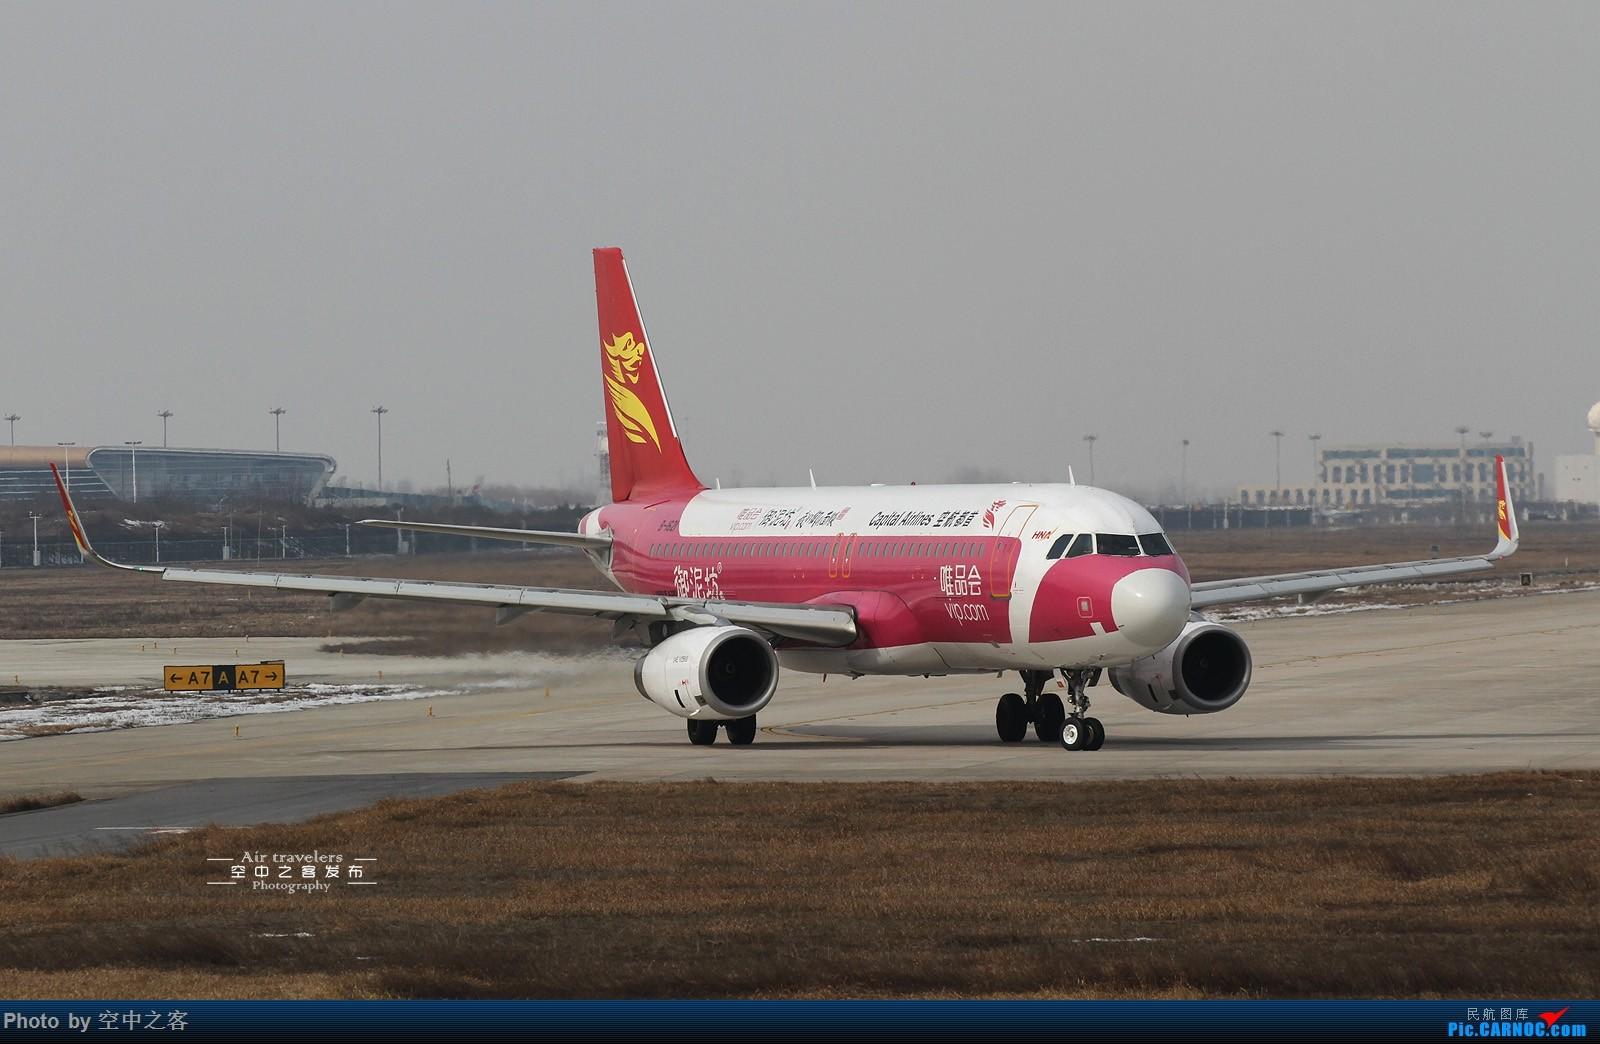 Re:[原创][合肥飞友会-霸都打机队 空中之客发布]2018立春·首次拍机活动 AIRBUS A320-200 B-1621 合肥新桥国际机场